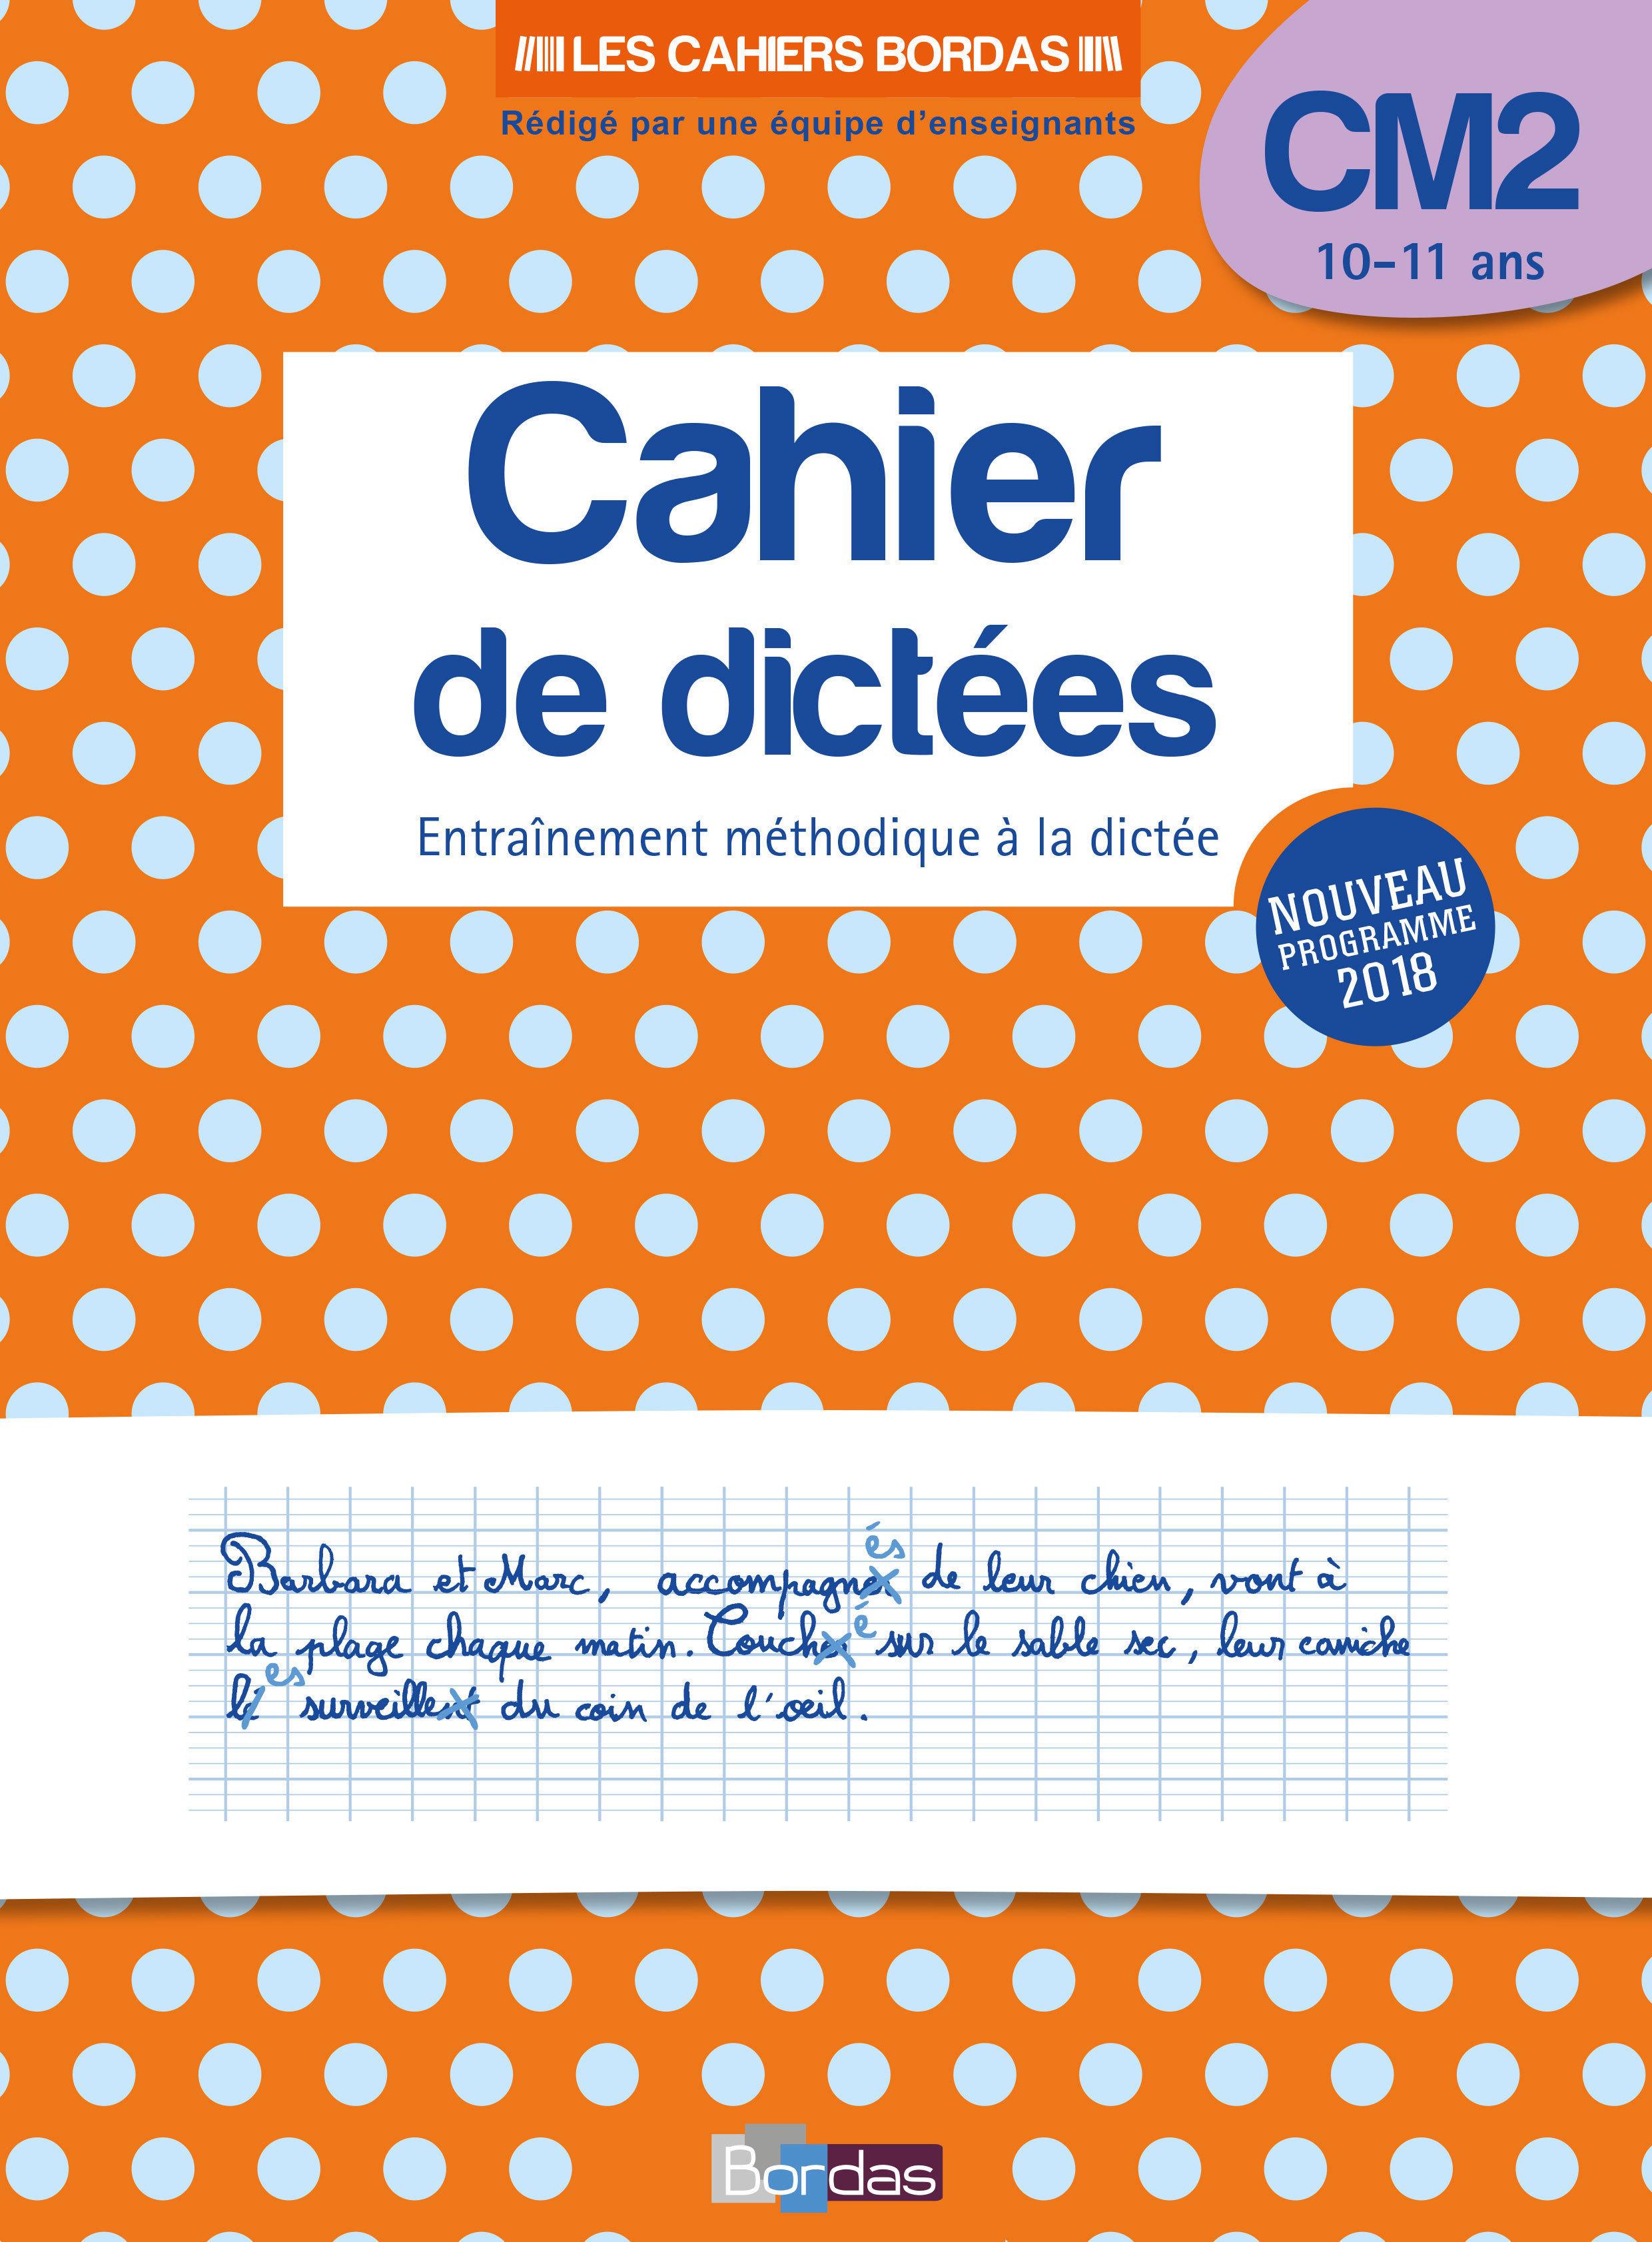 Les Cahiers Bordas - Cahier de dictées CM2 - 10-11 ans - edition 2019